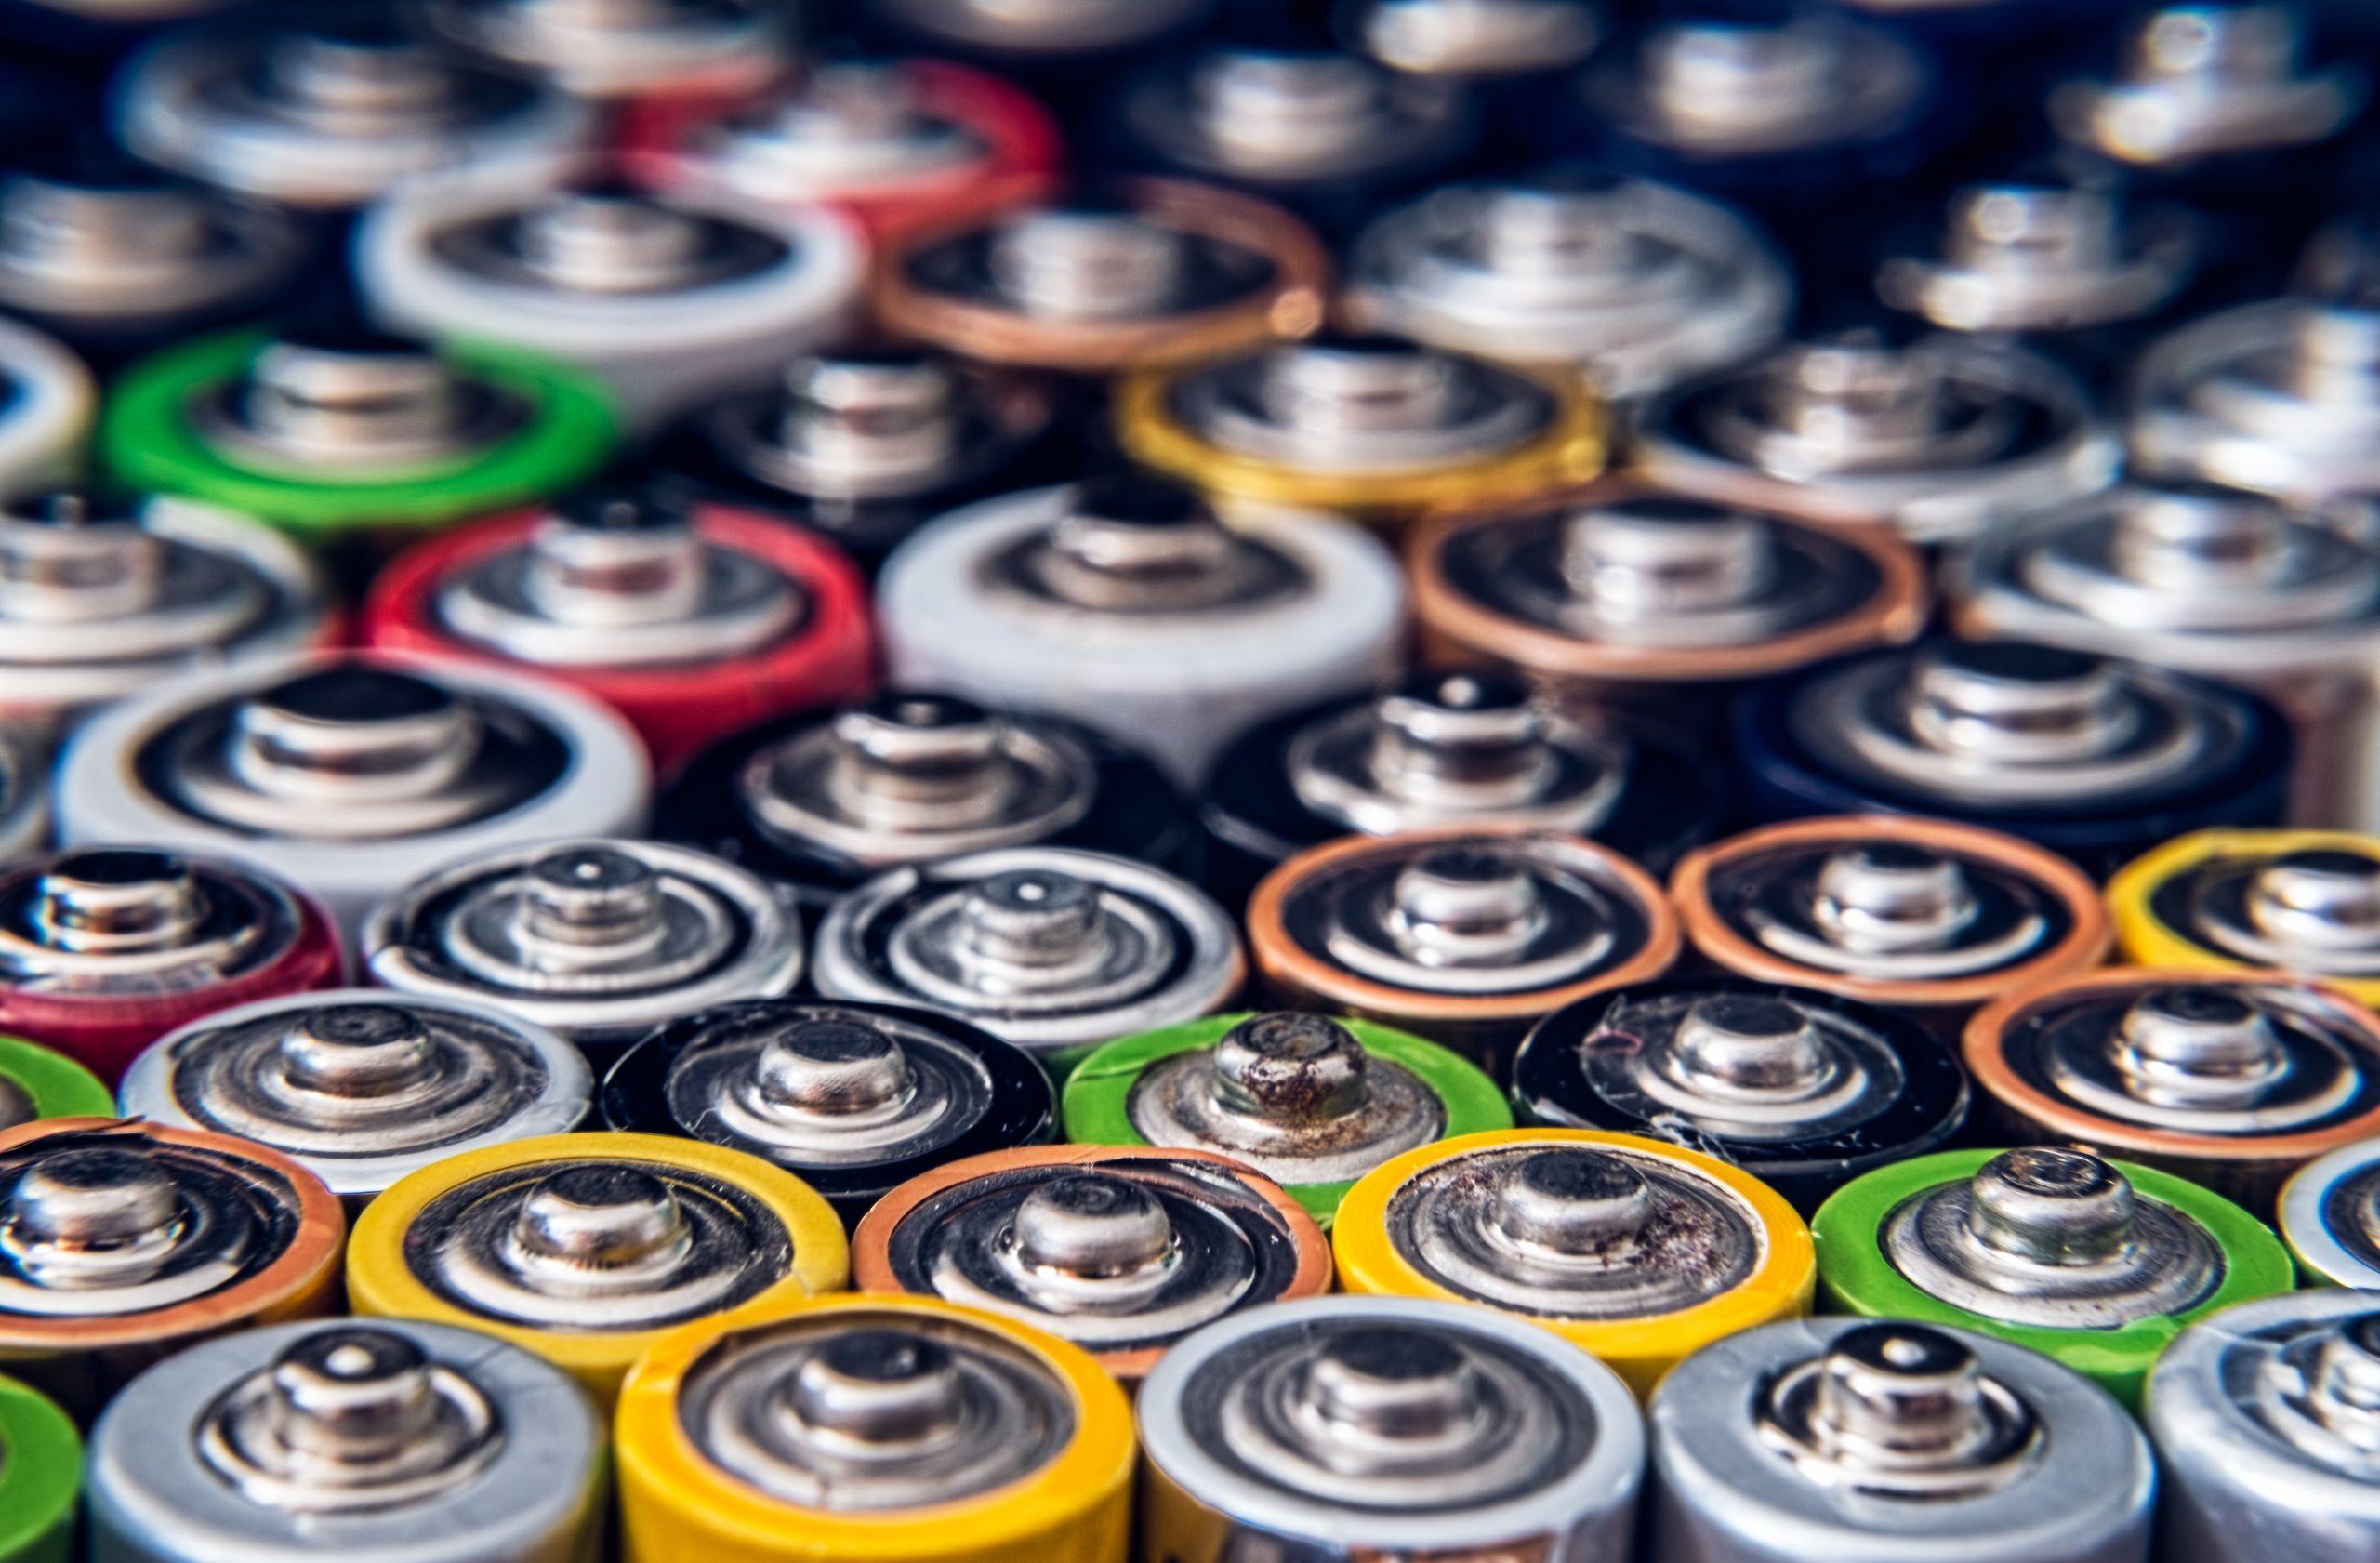 Várias pilhas juntas.